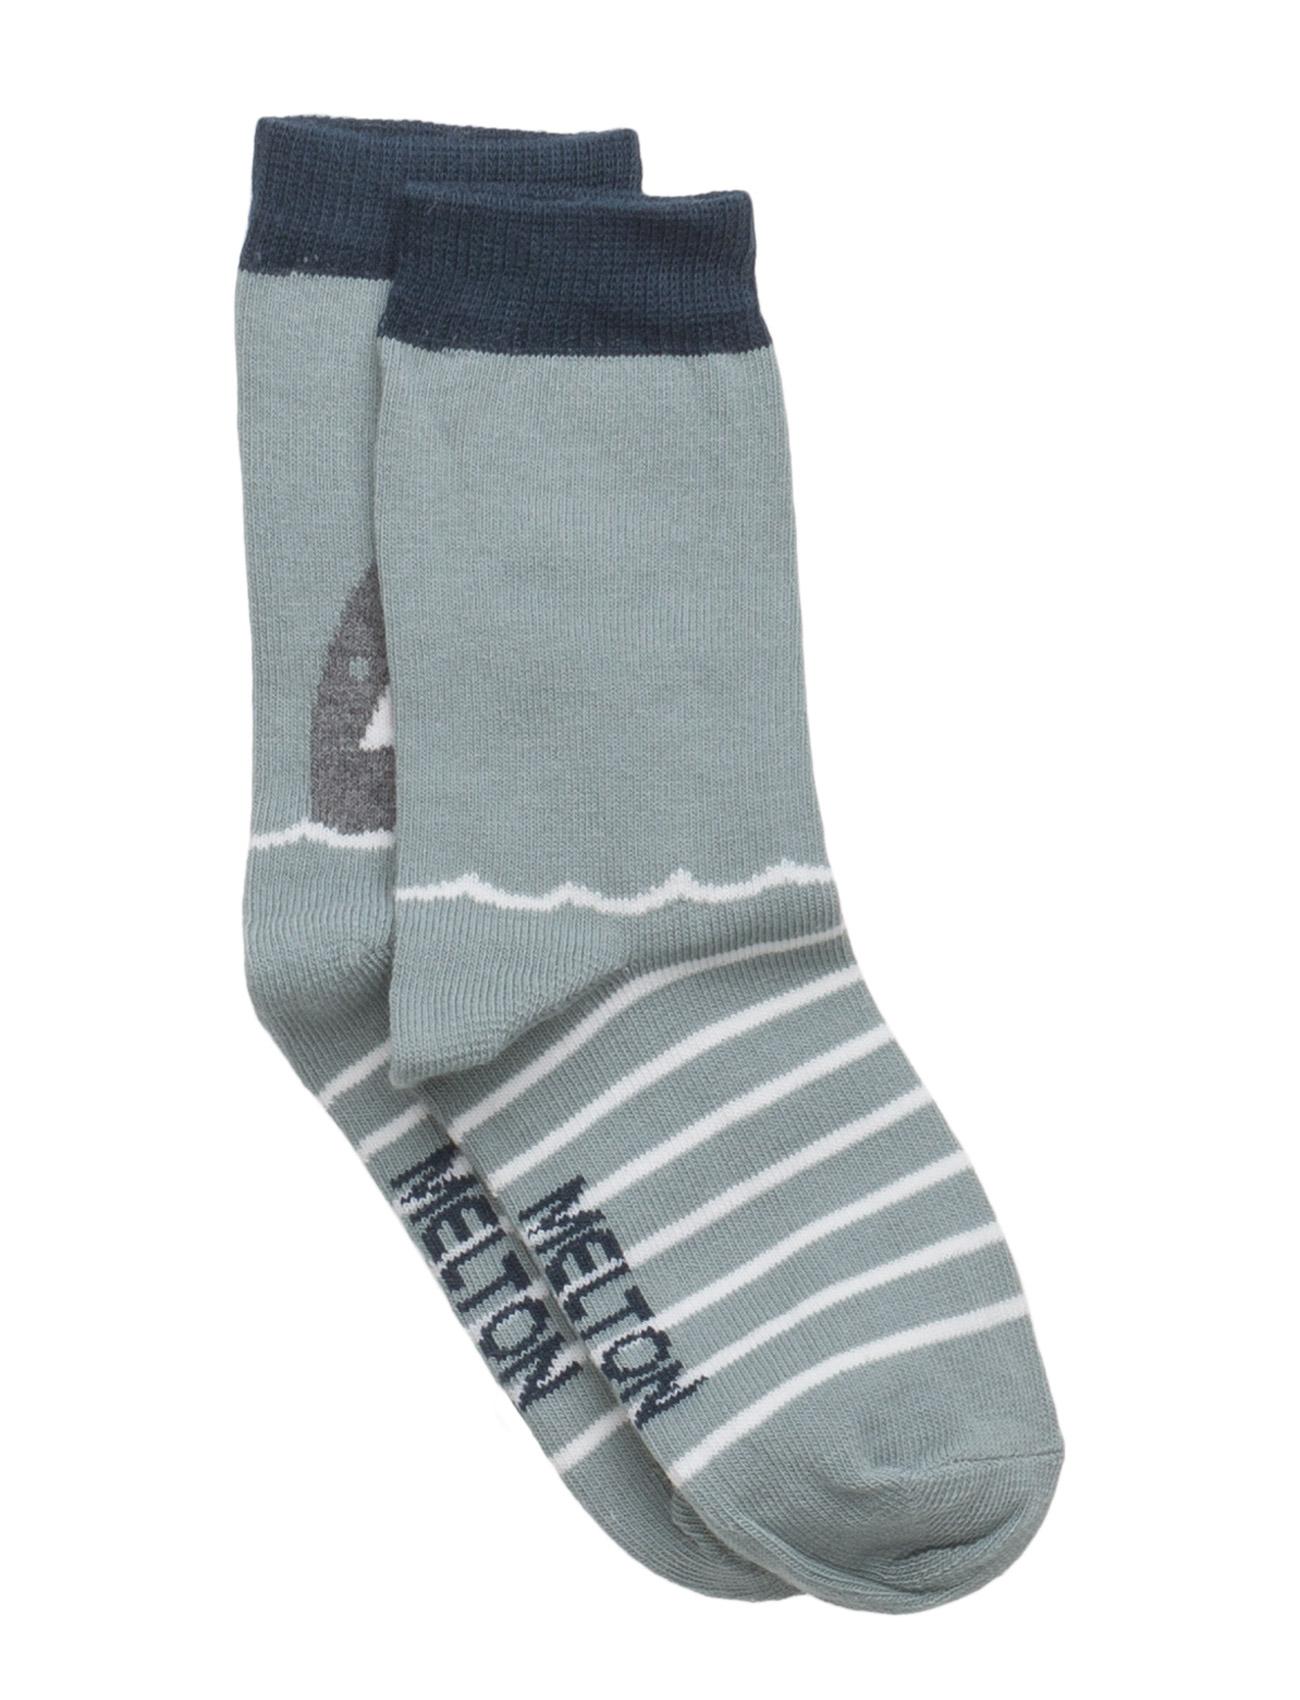 Sock - Shark Melton Strømper & Strømpebukser til Børn i